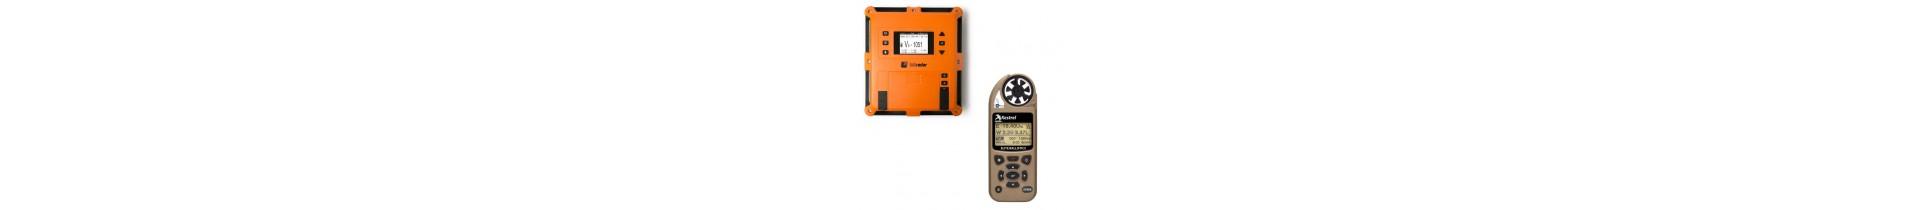 Une sélection d'équipements électronique et météo sur Tactirshop